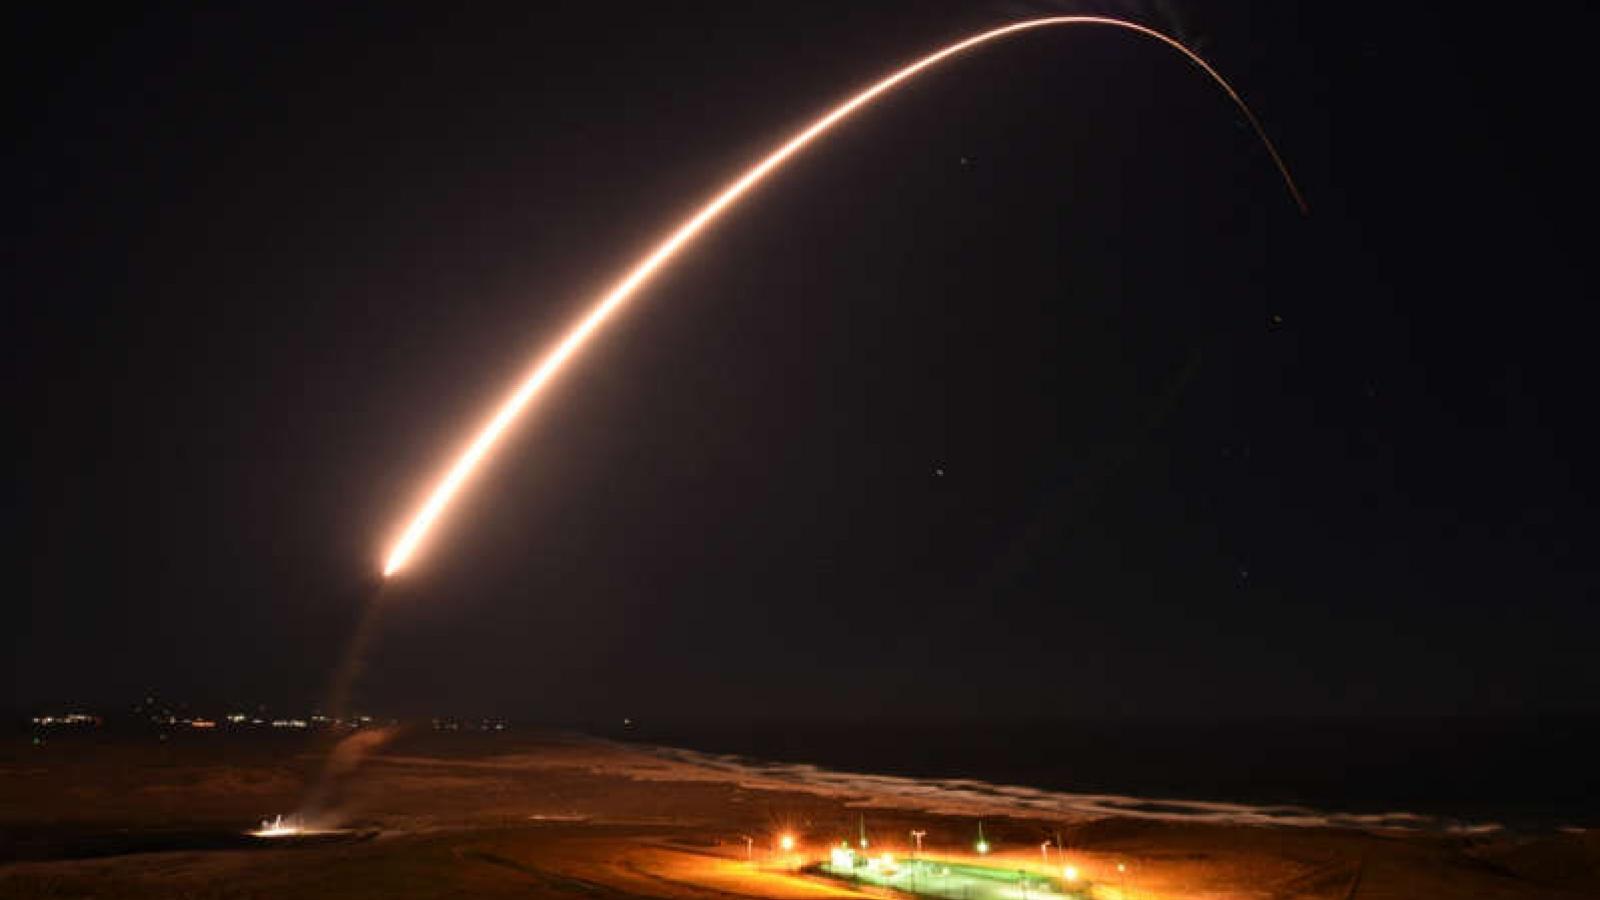 """Nga không để yên khi Mỹ tìm cách """"thống trị"""" quân sự toàn cầu"""